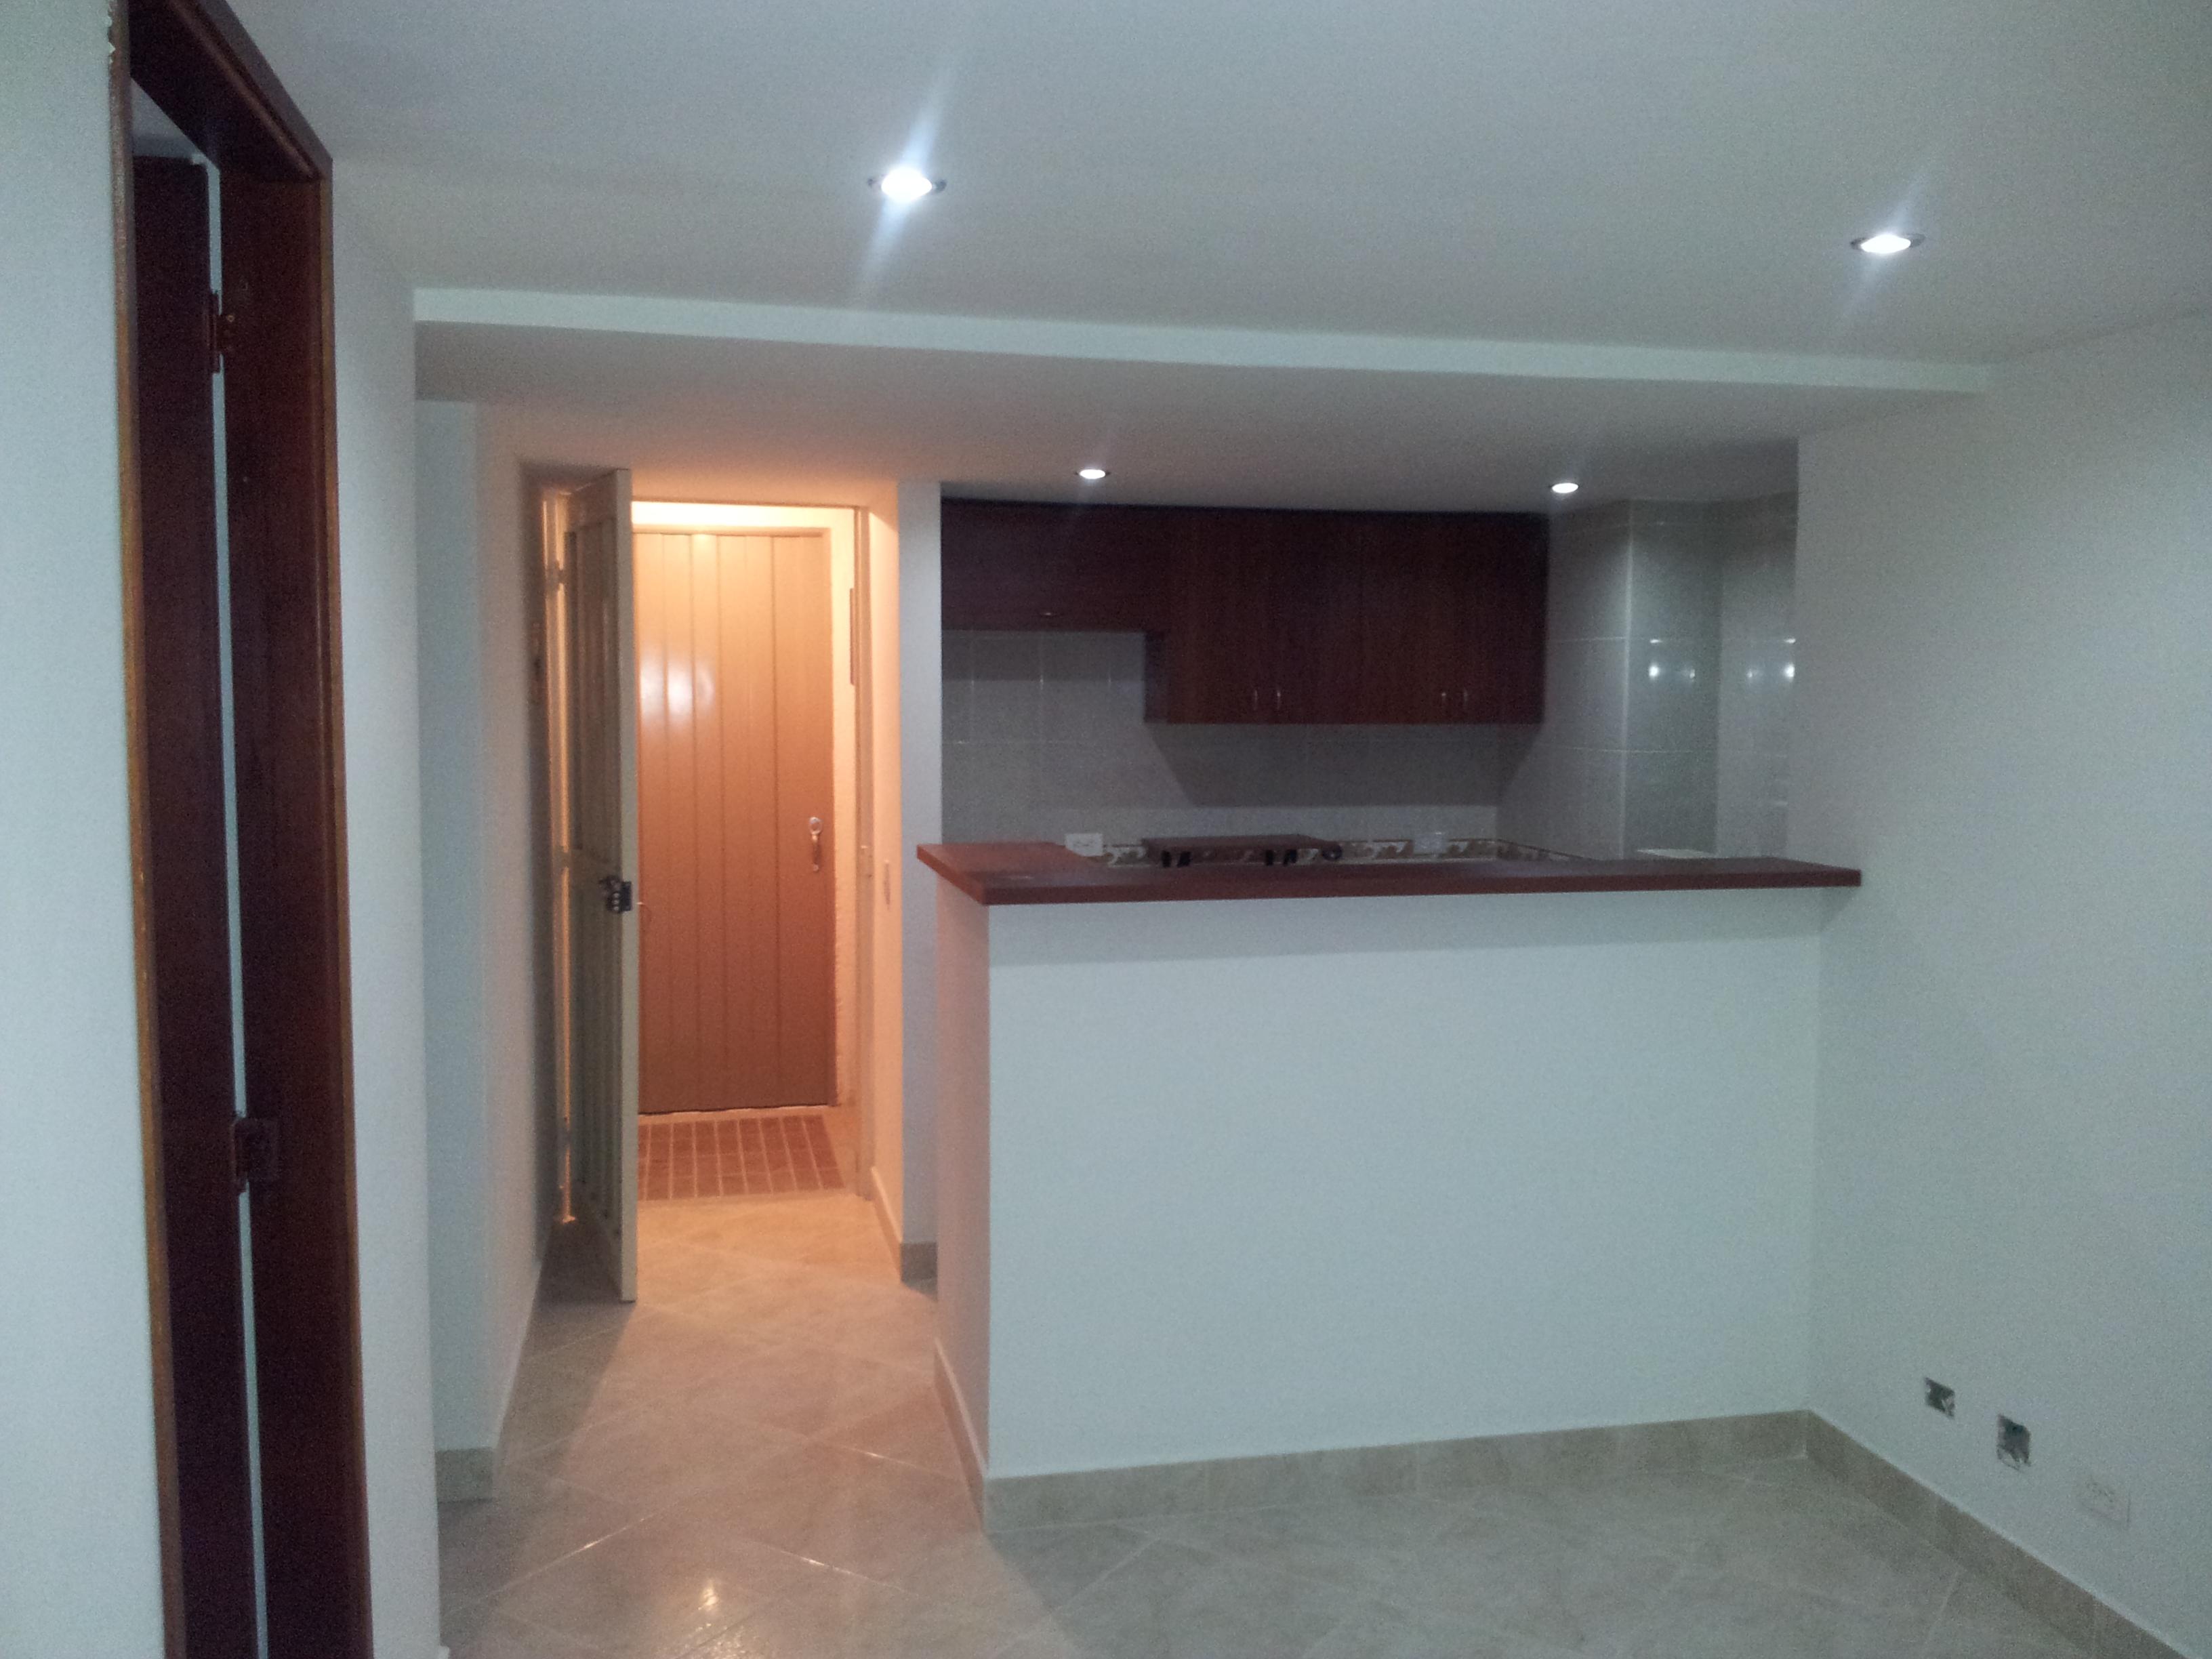 Obra blanca apartamento en medellin capri obra blanca y for Enchapes para cocina